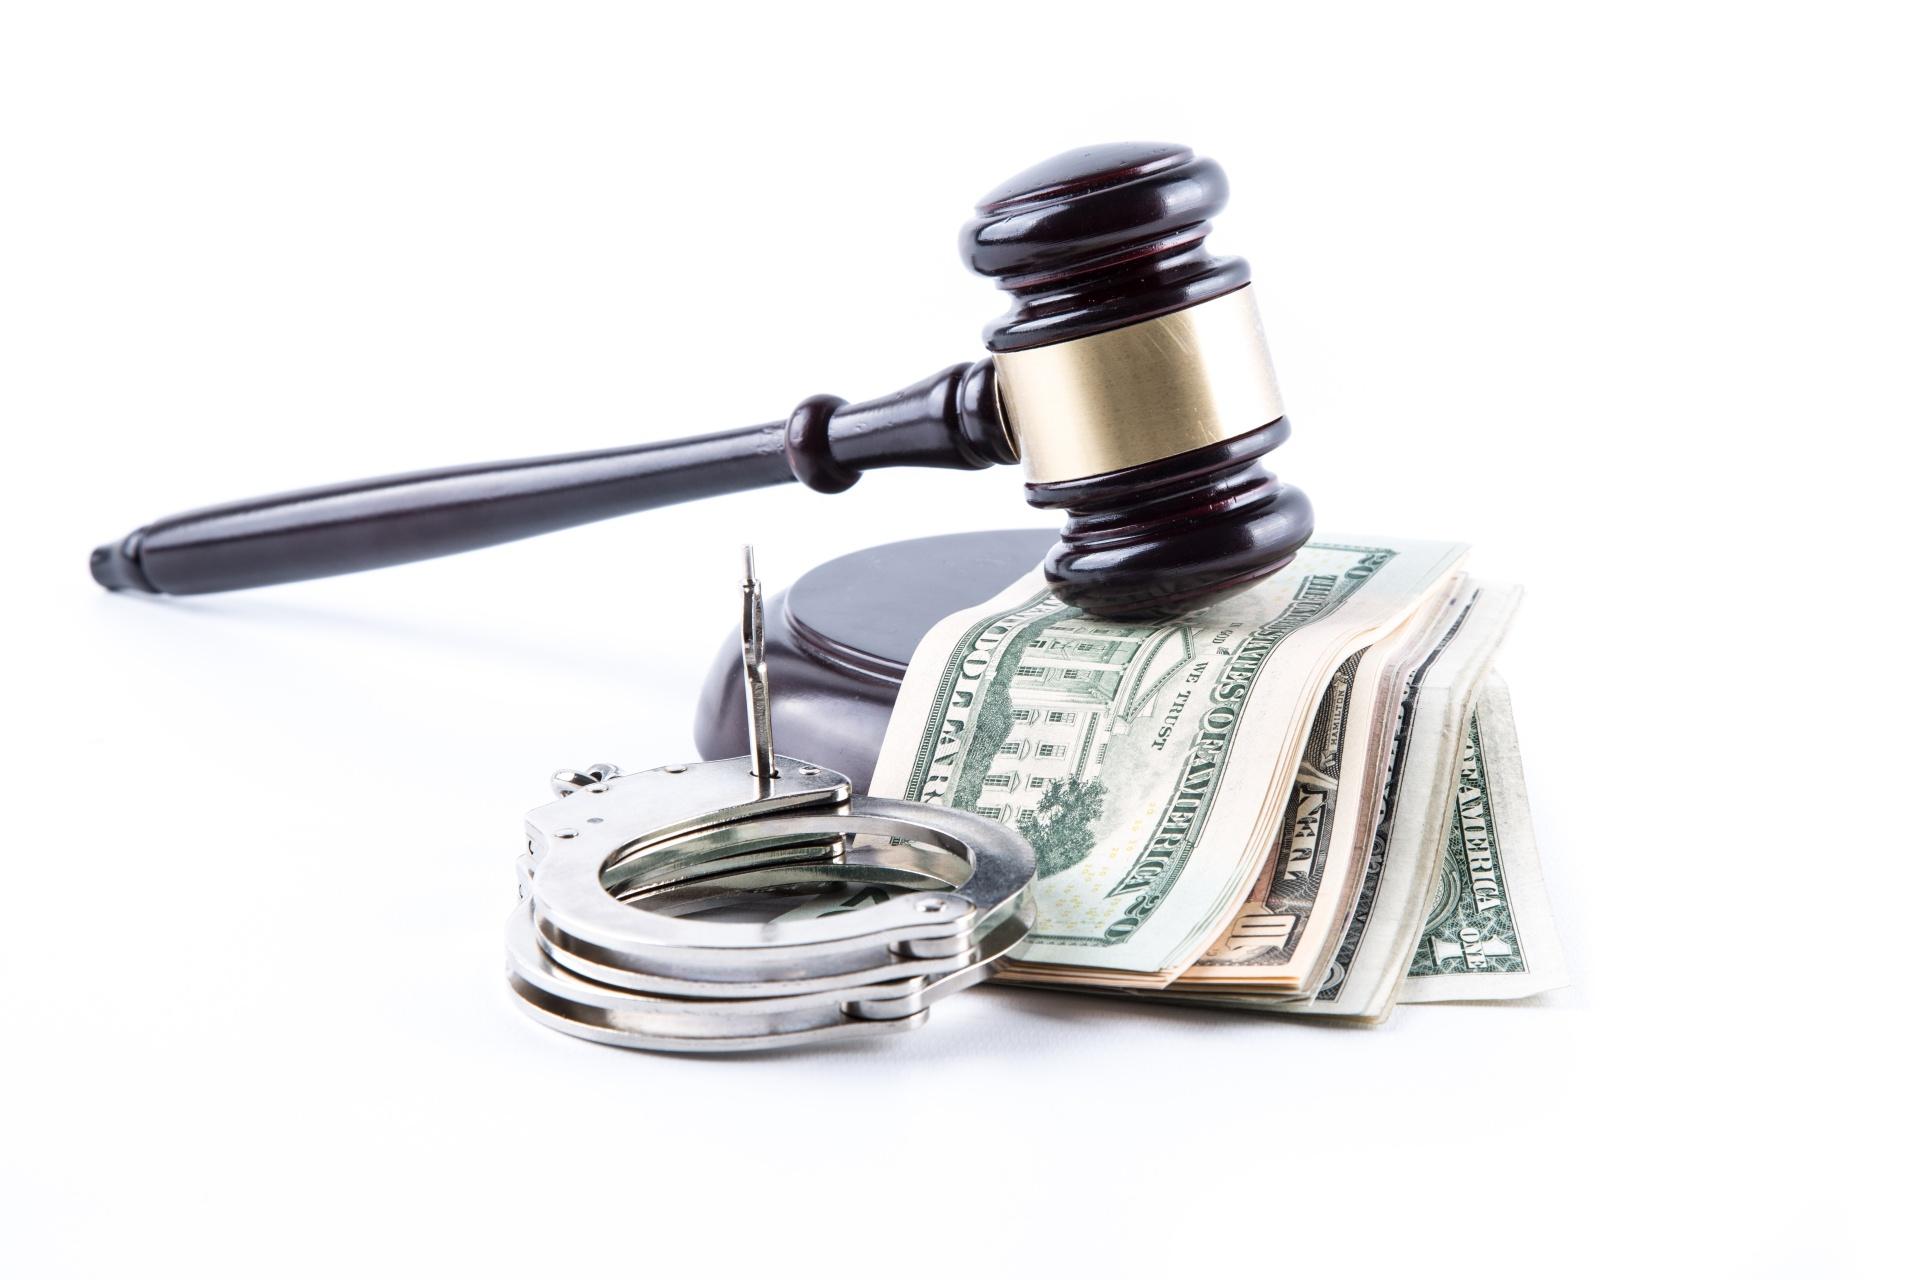 April CFTC Enforcement Actions